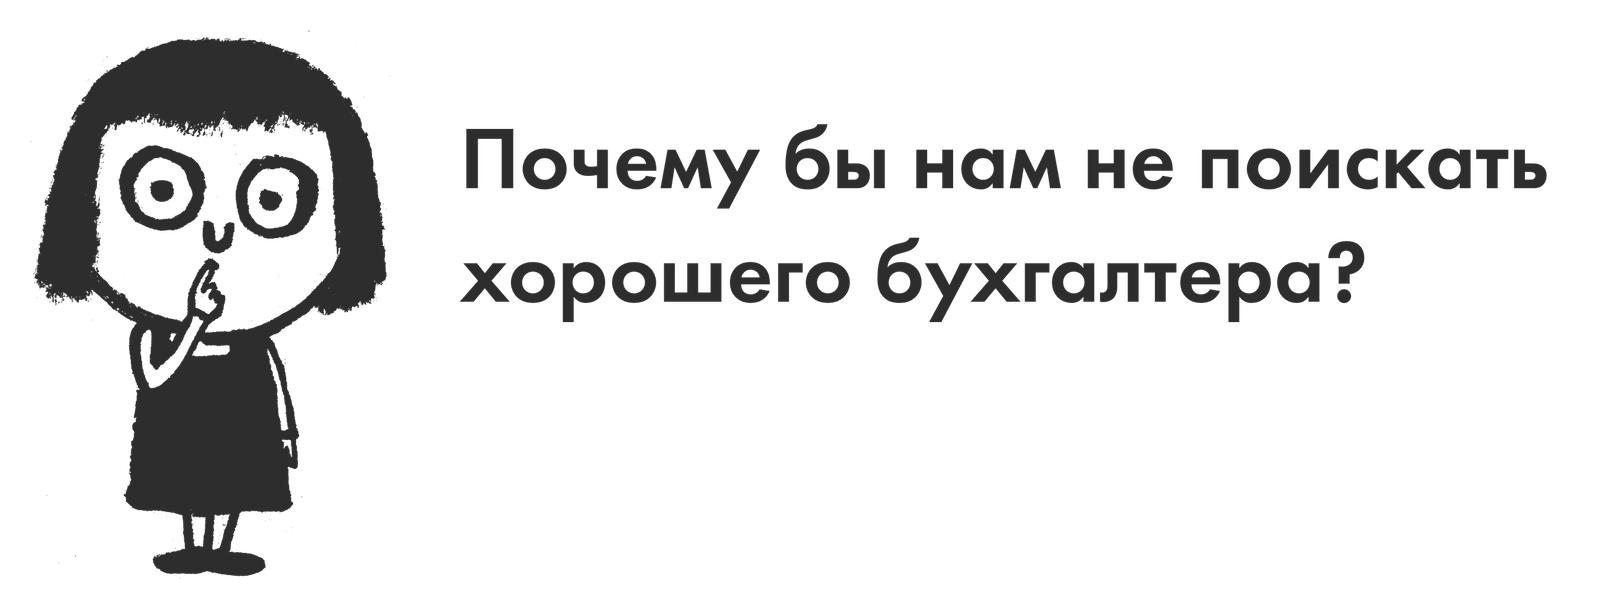 Электронный бухгалтер для ООО – Финансовый портал Москвы и области про вклады и кредиты